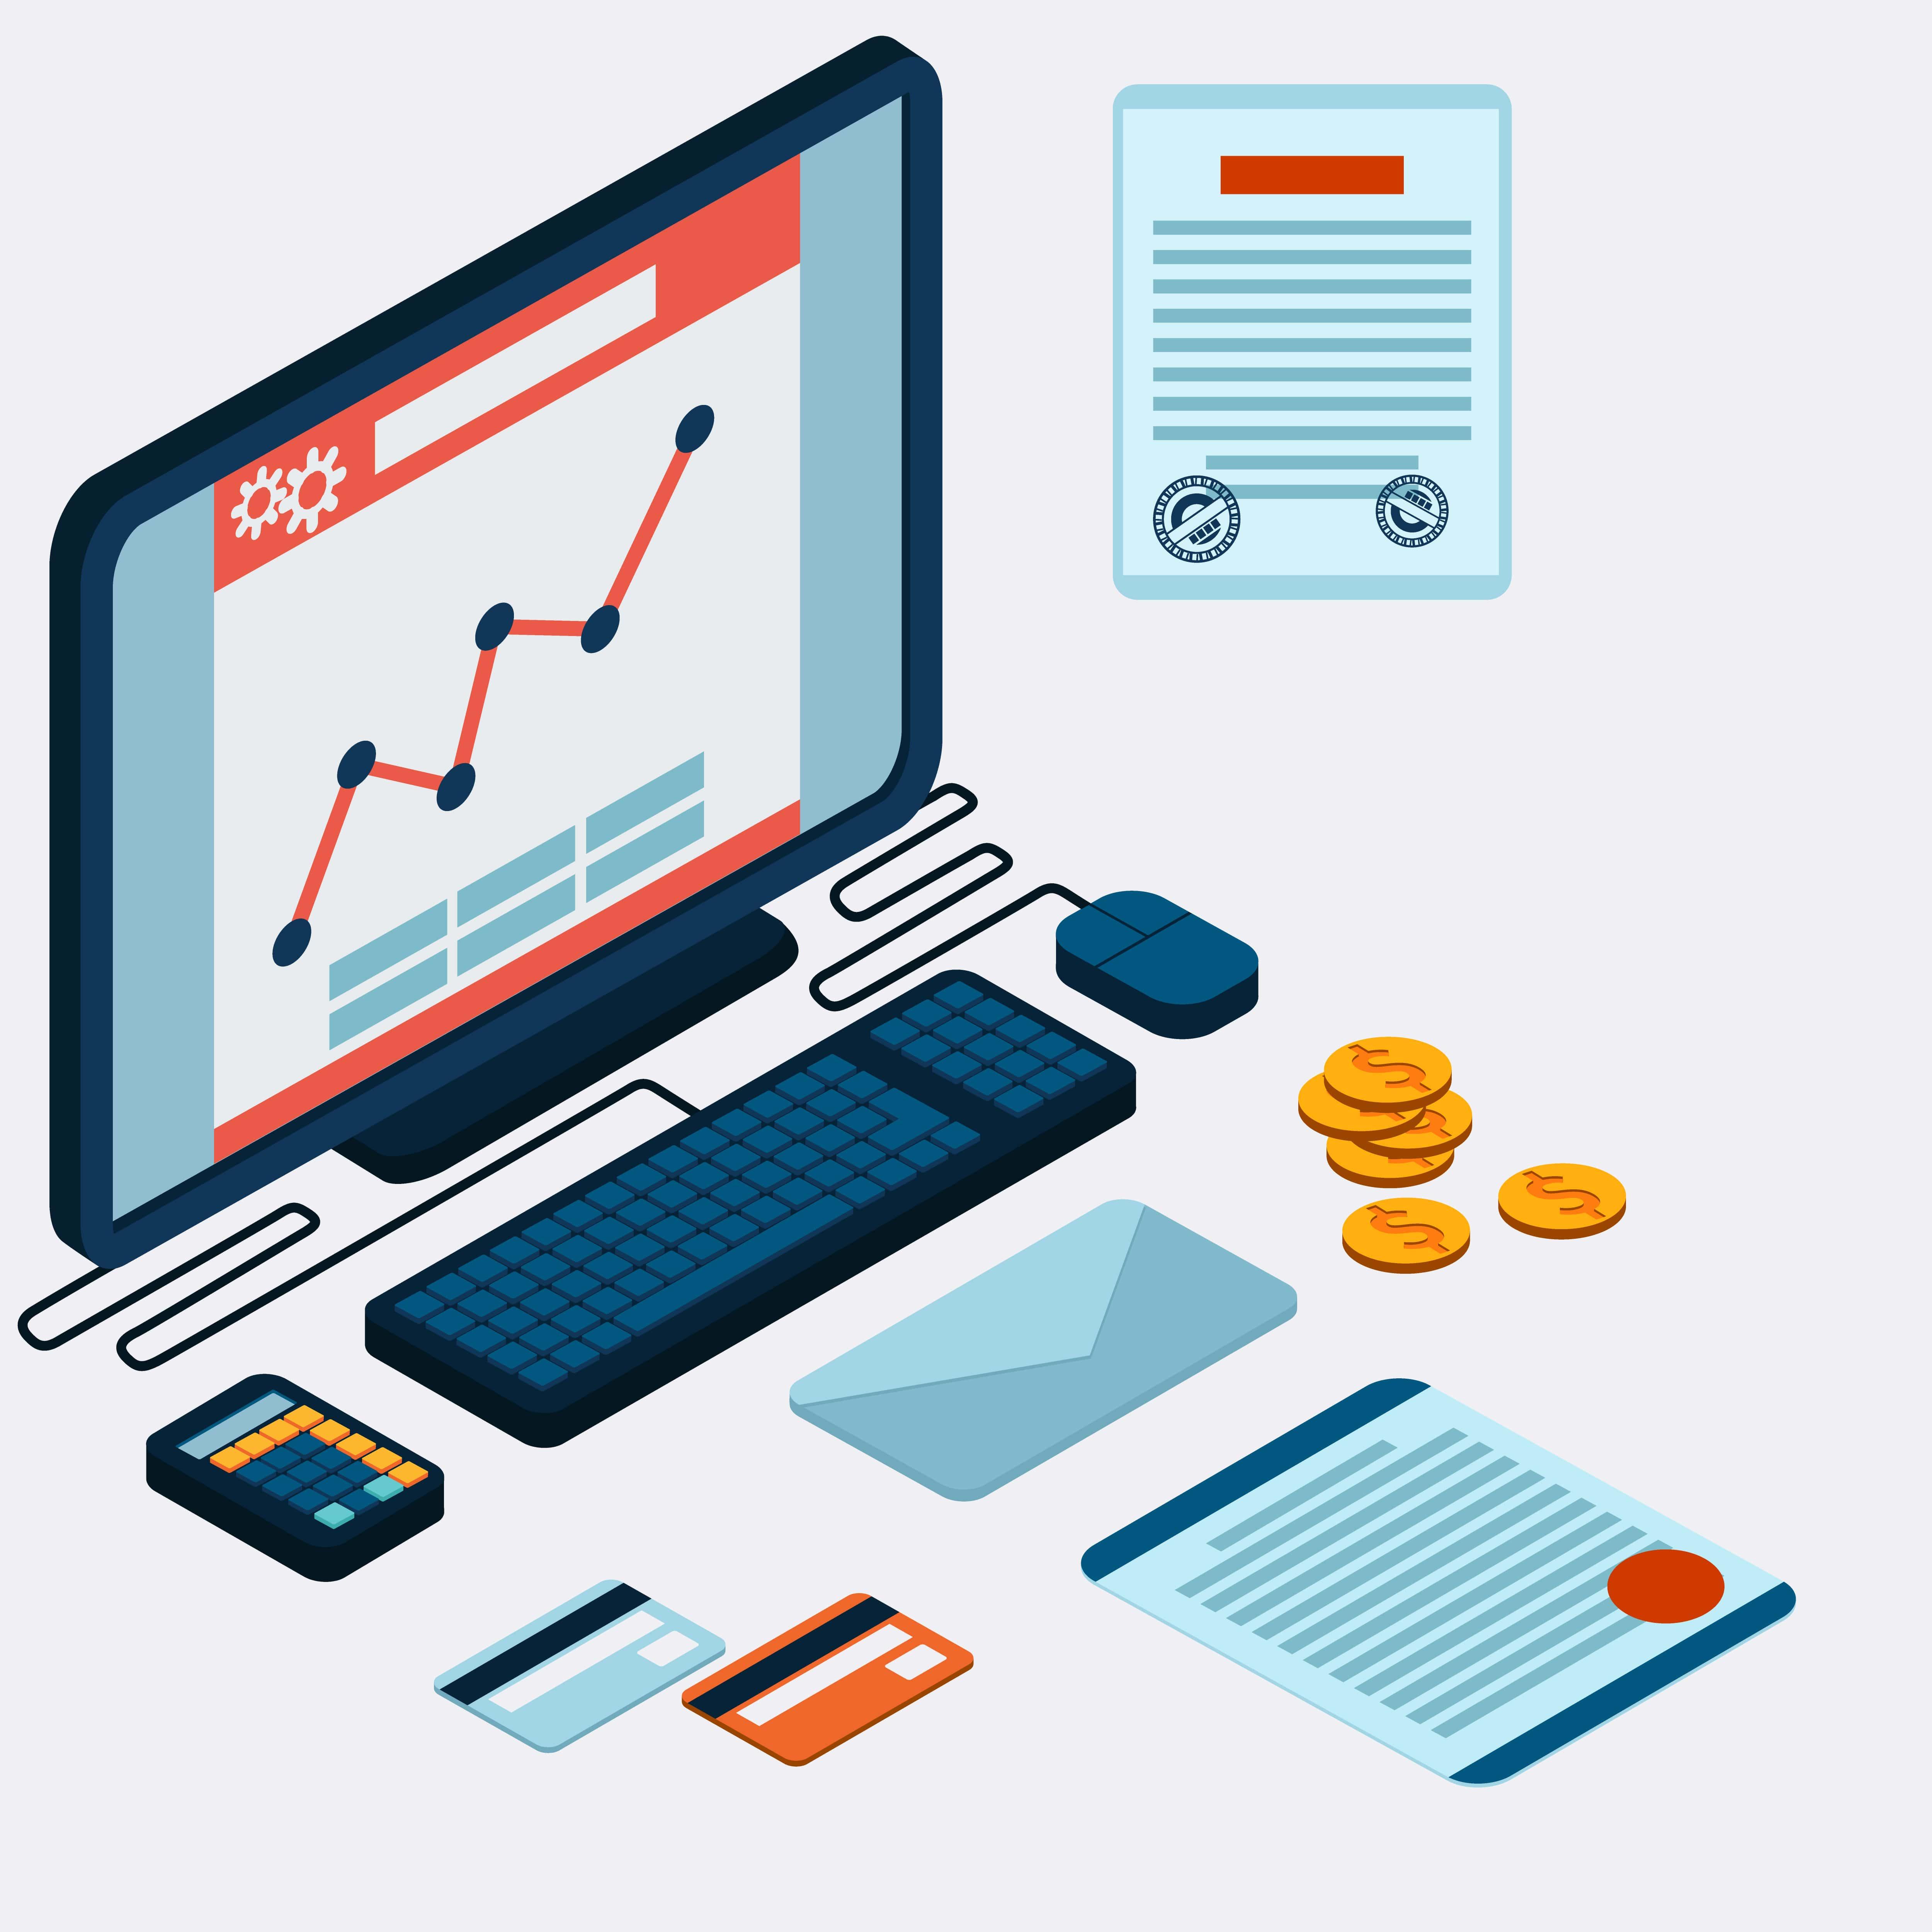 analise-de-credito-como-evitar-transtornos-com-os-seus-clientes.jpg